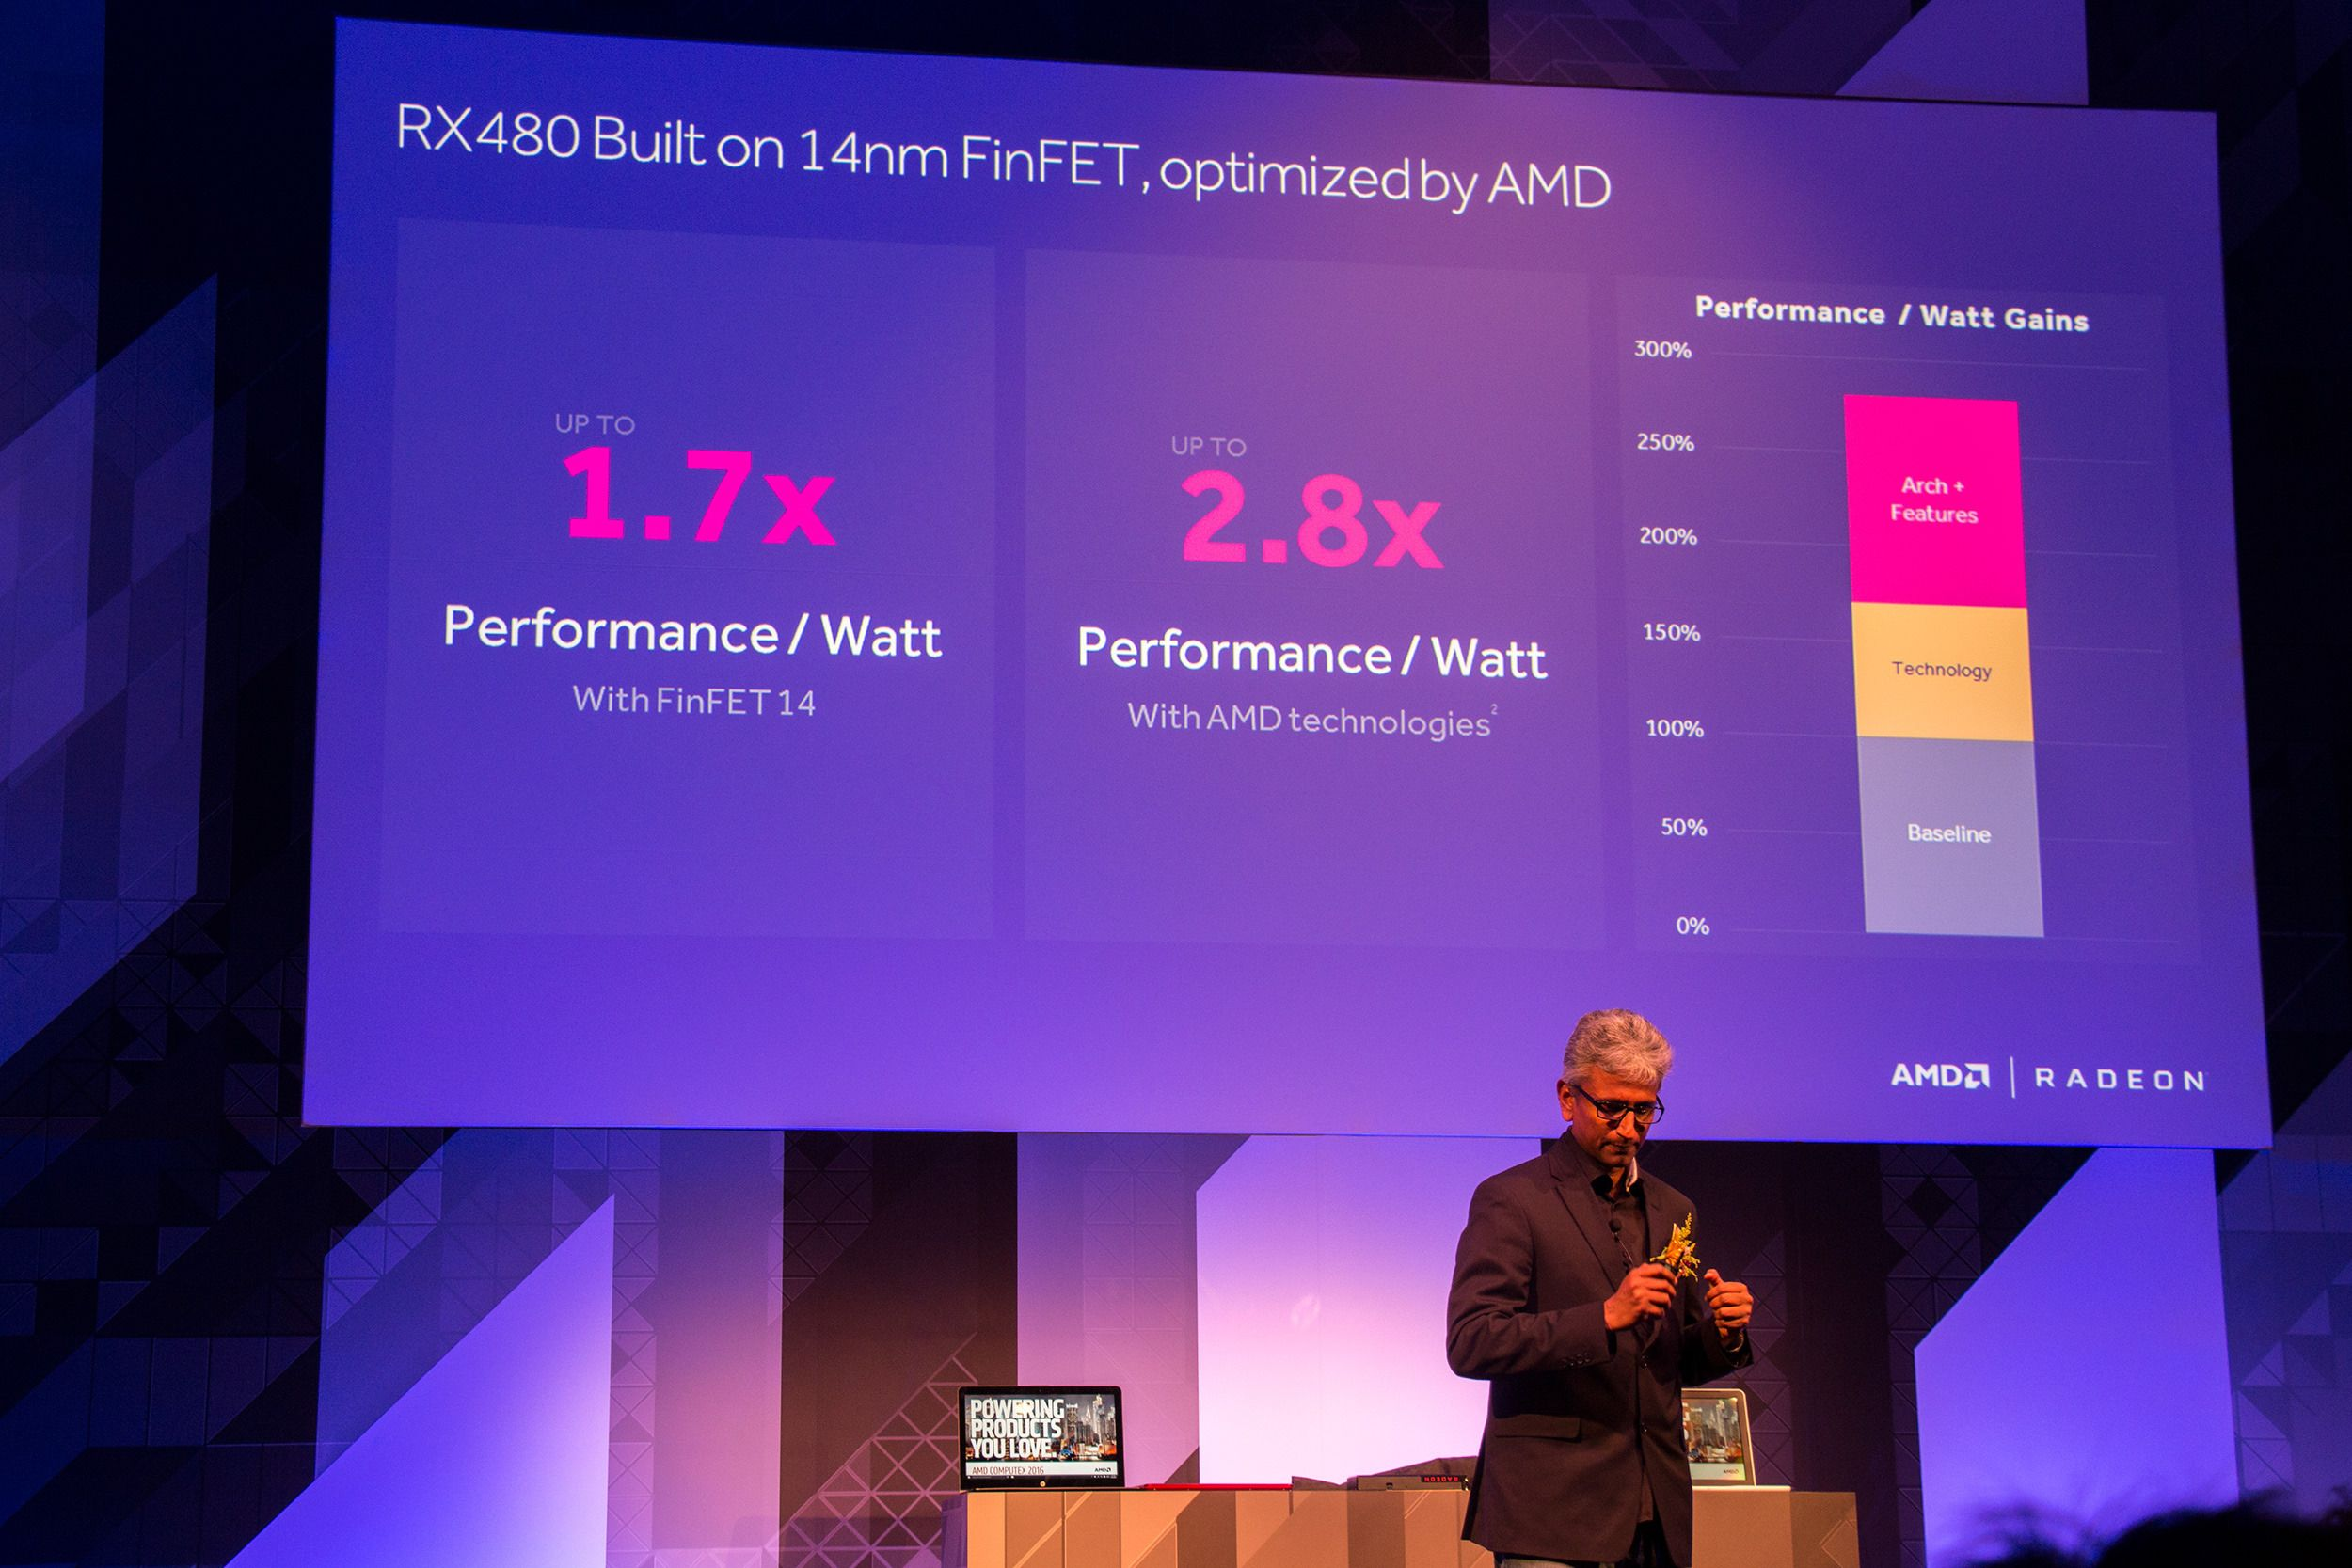 I tillegg til at overgangen til 14-nanometers FinFET-prosess har gjort det mulig å øke ytelsen, har AMD også gjort flere optimaliseringer for å hente ut enda flere krefter.